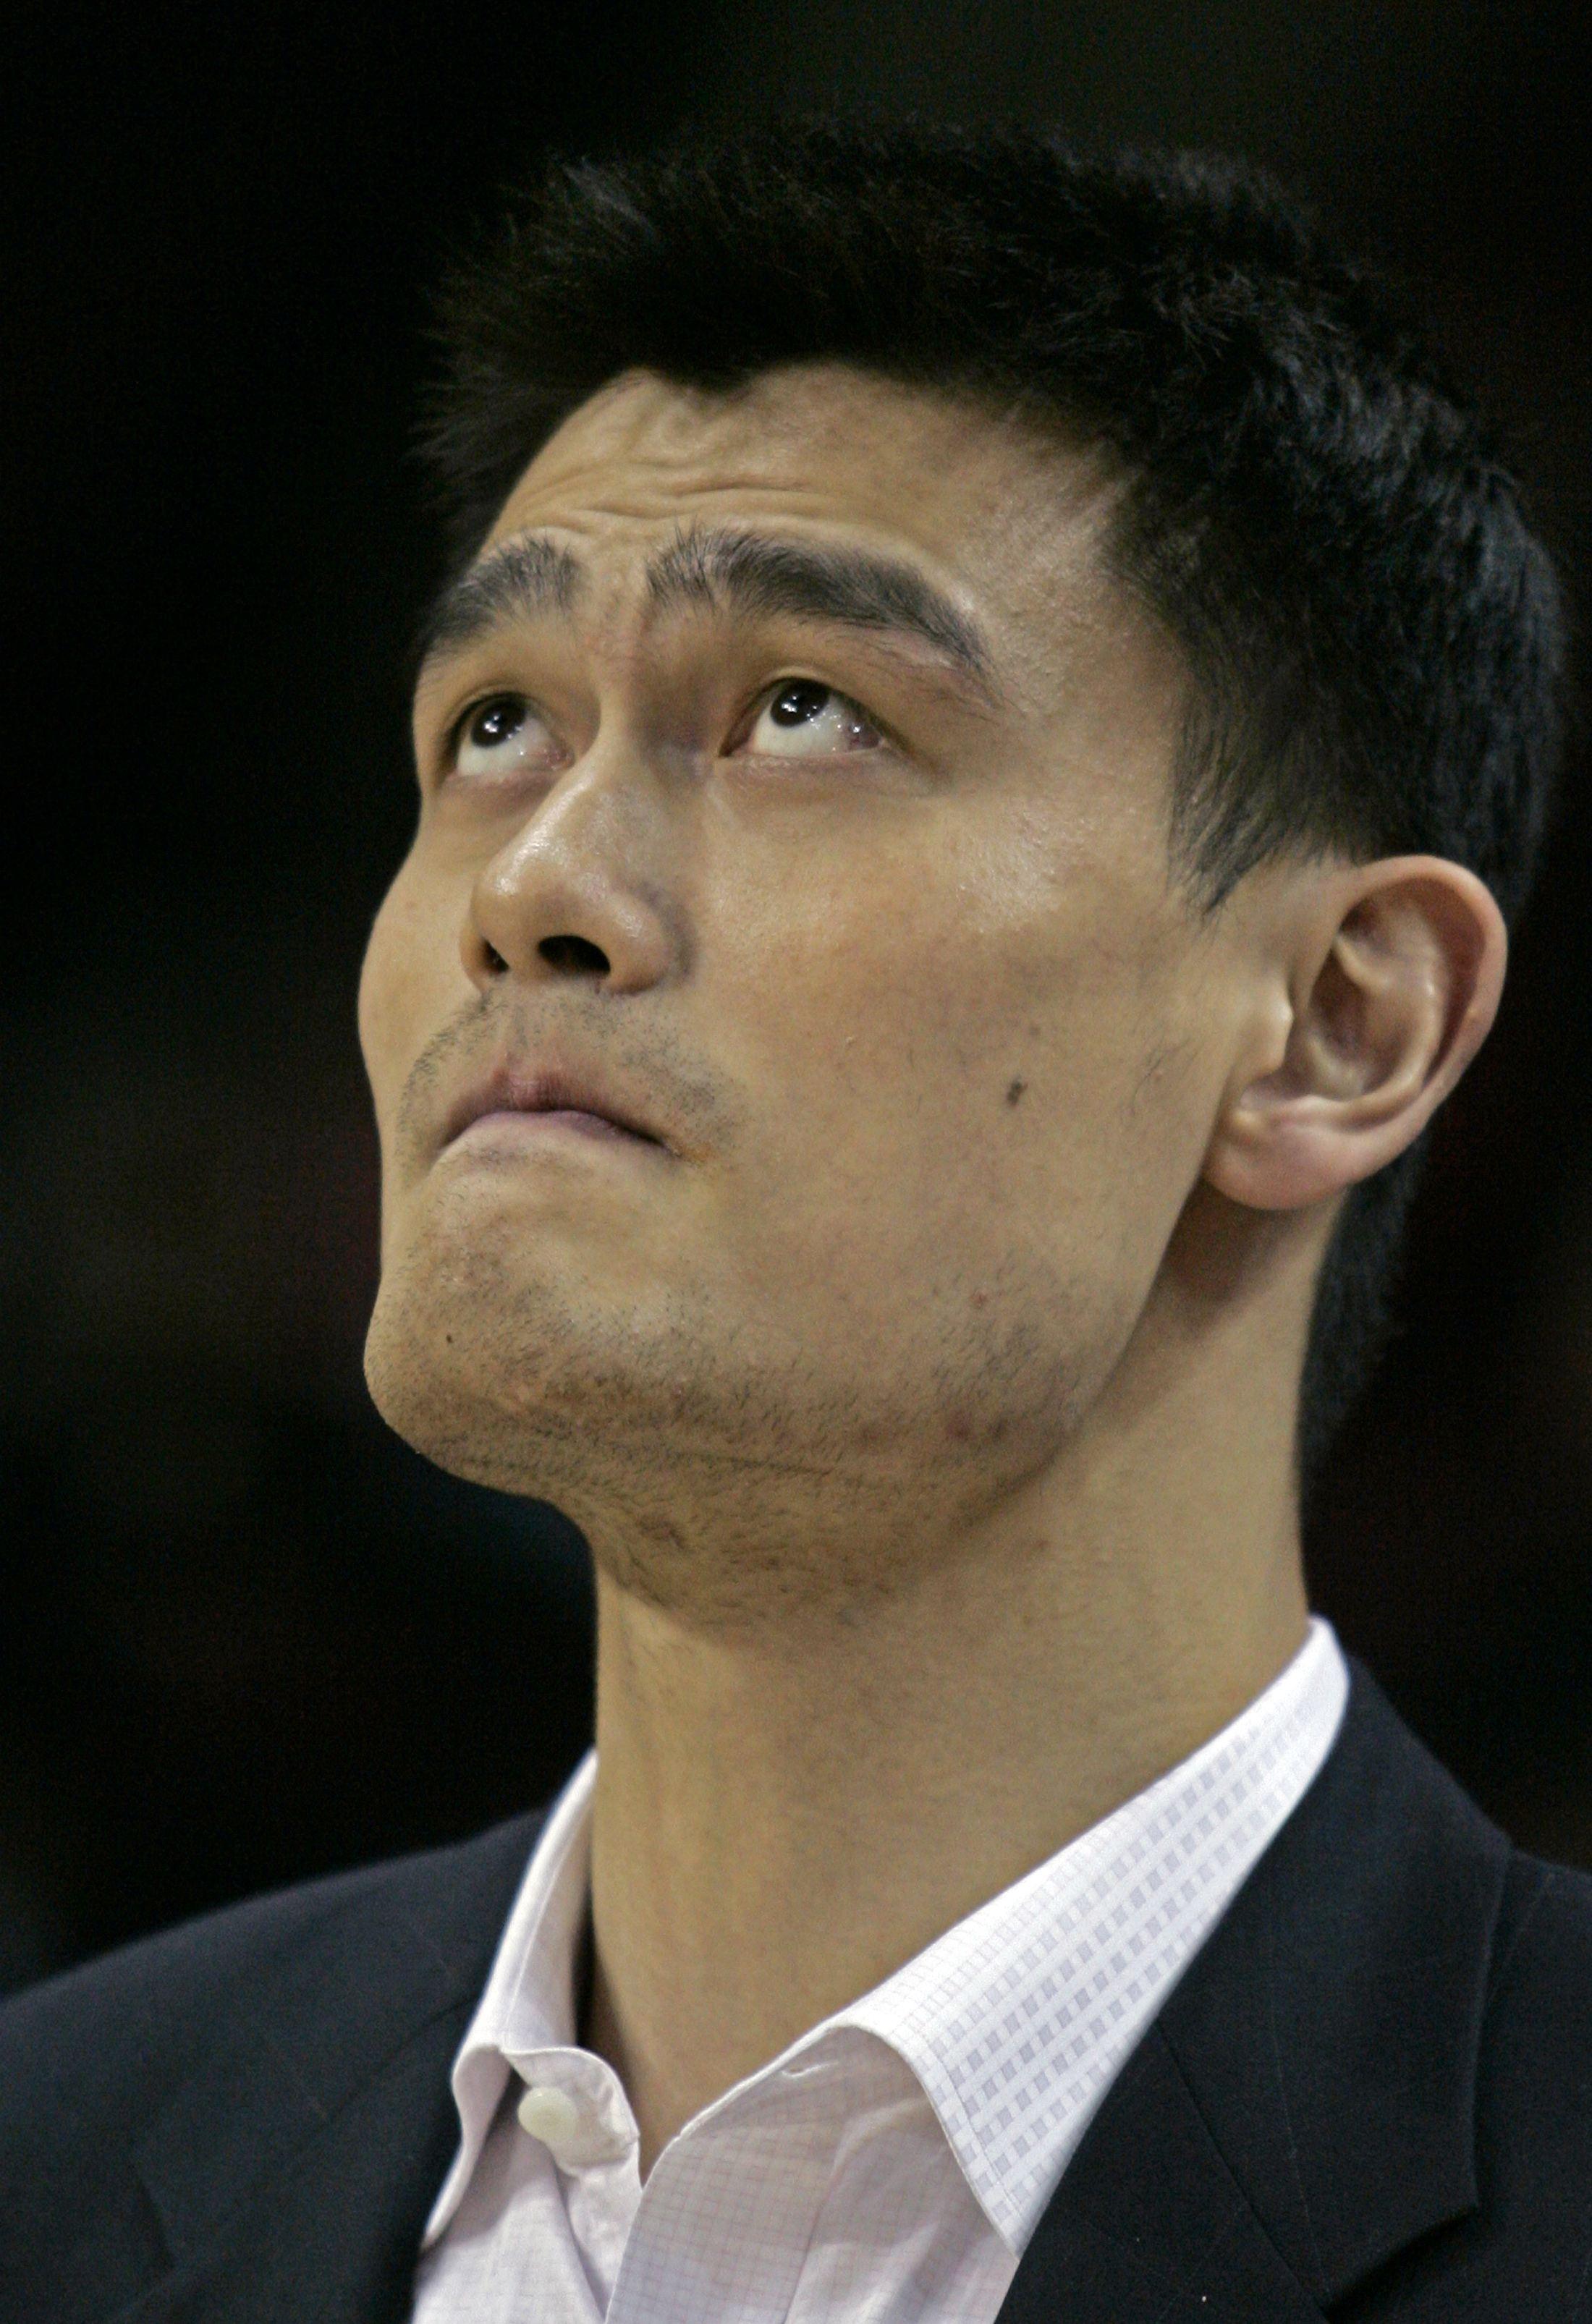 Houston Rockets center Yao Ming